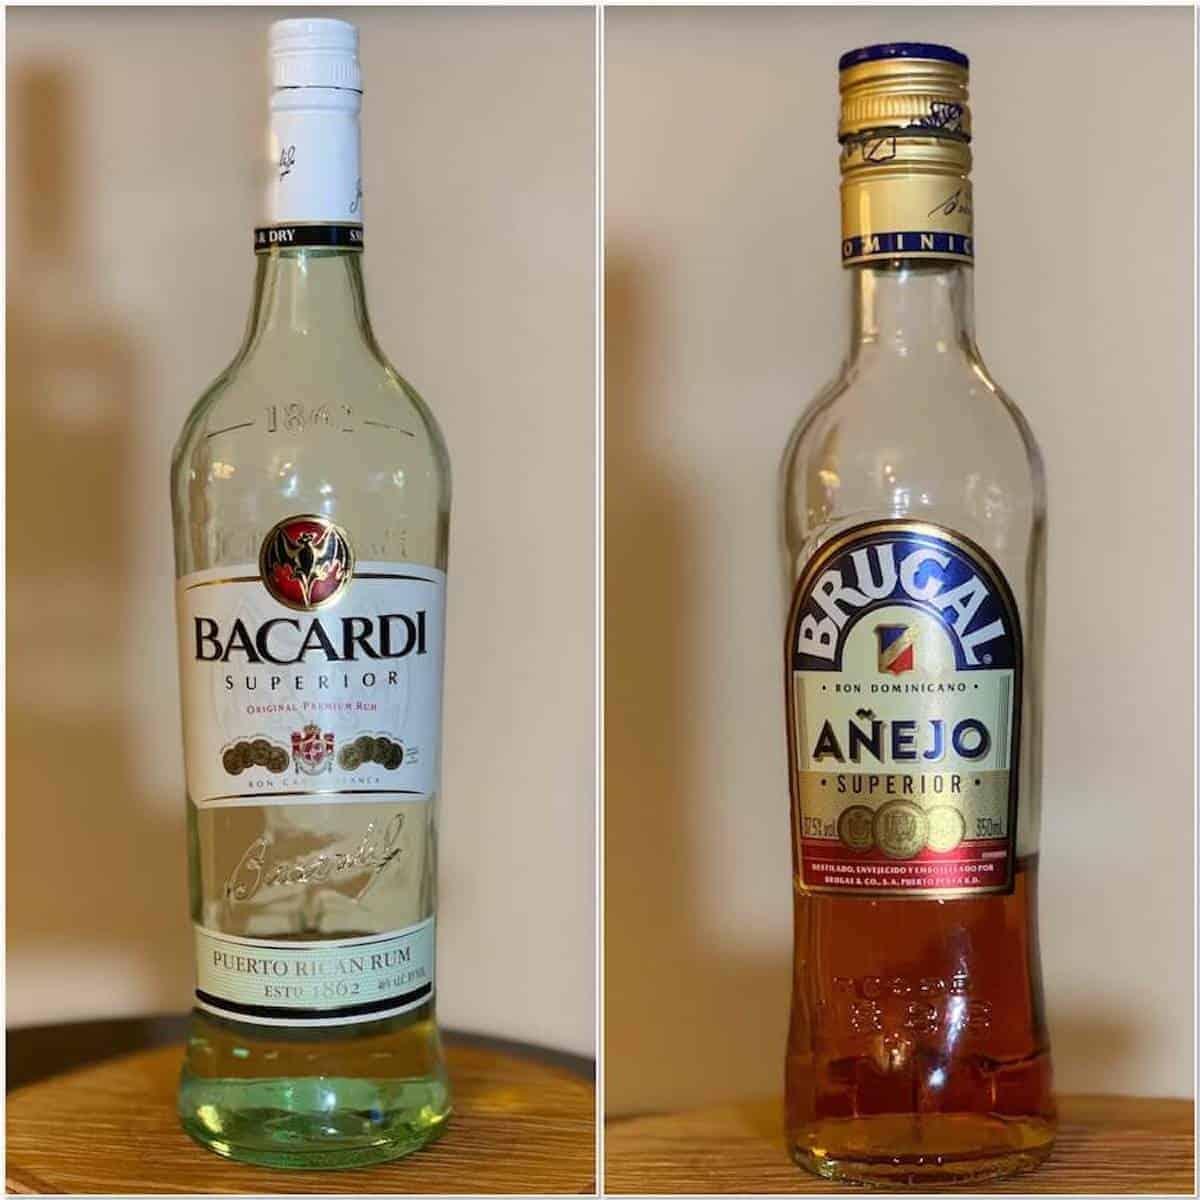 Bacardi Rum, Brugal Rum in bottles collage